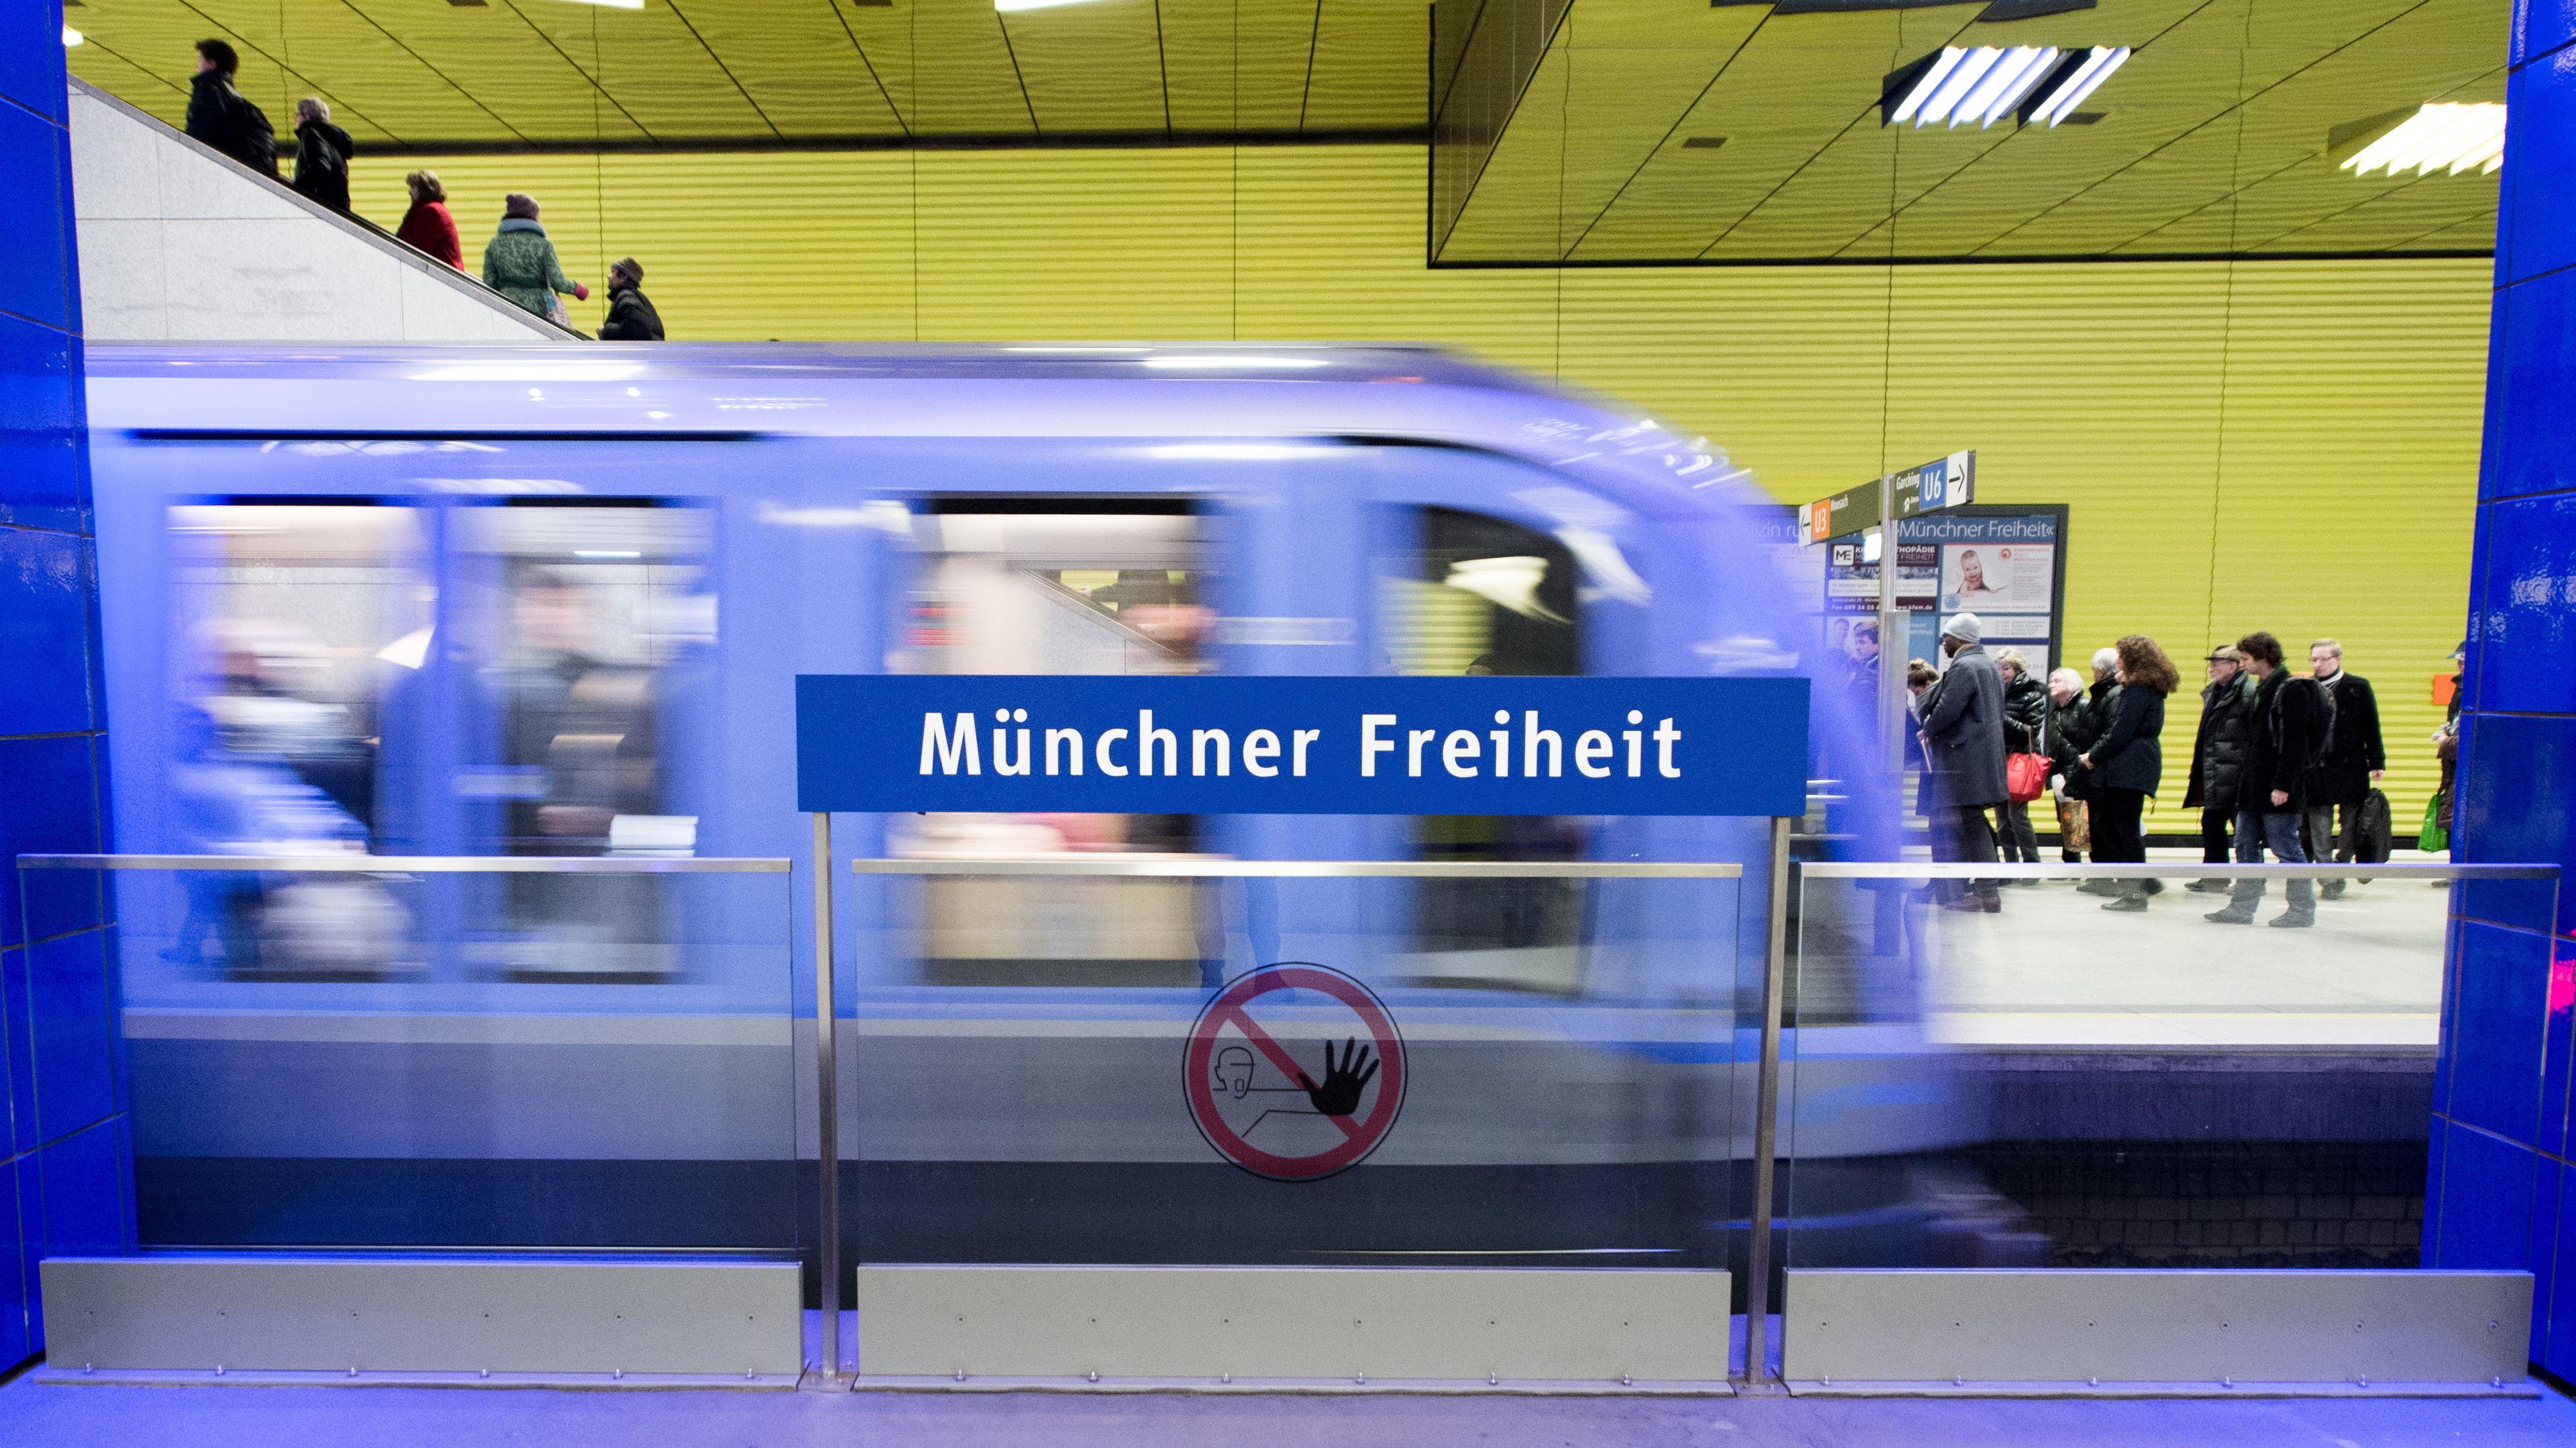 U-Bahn-Haltestelle Münchner Freiheit